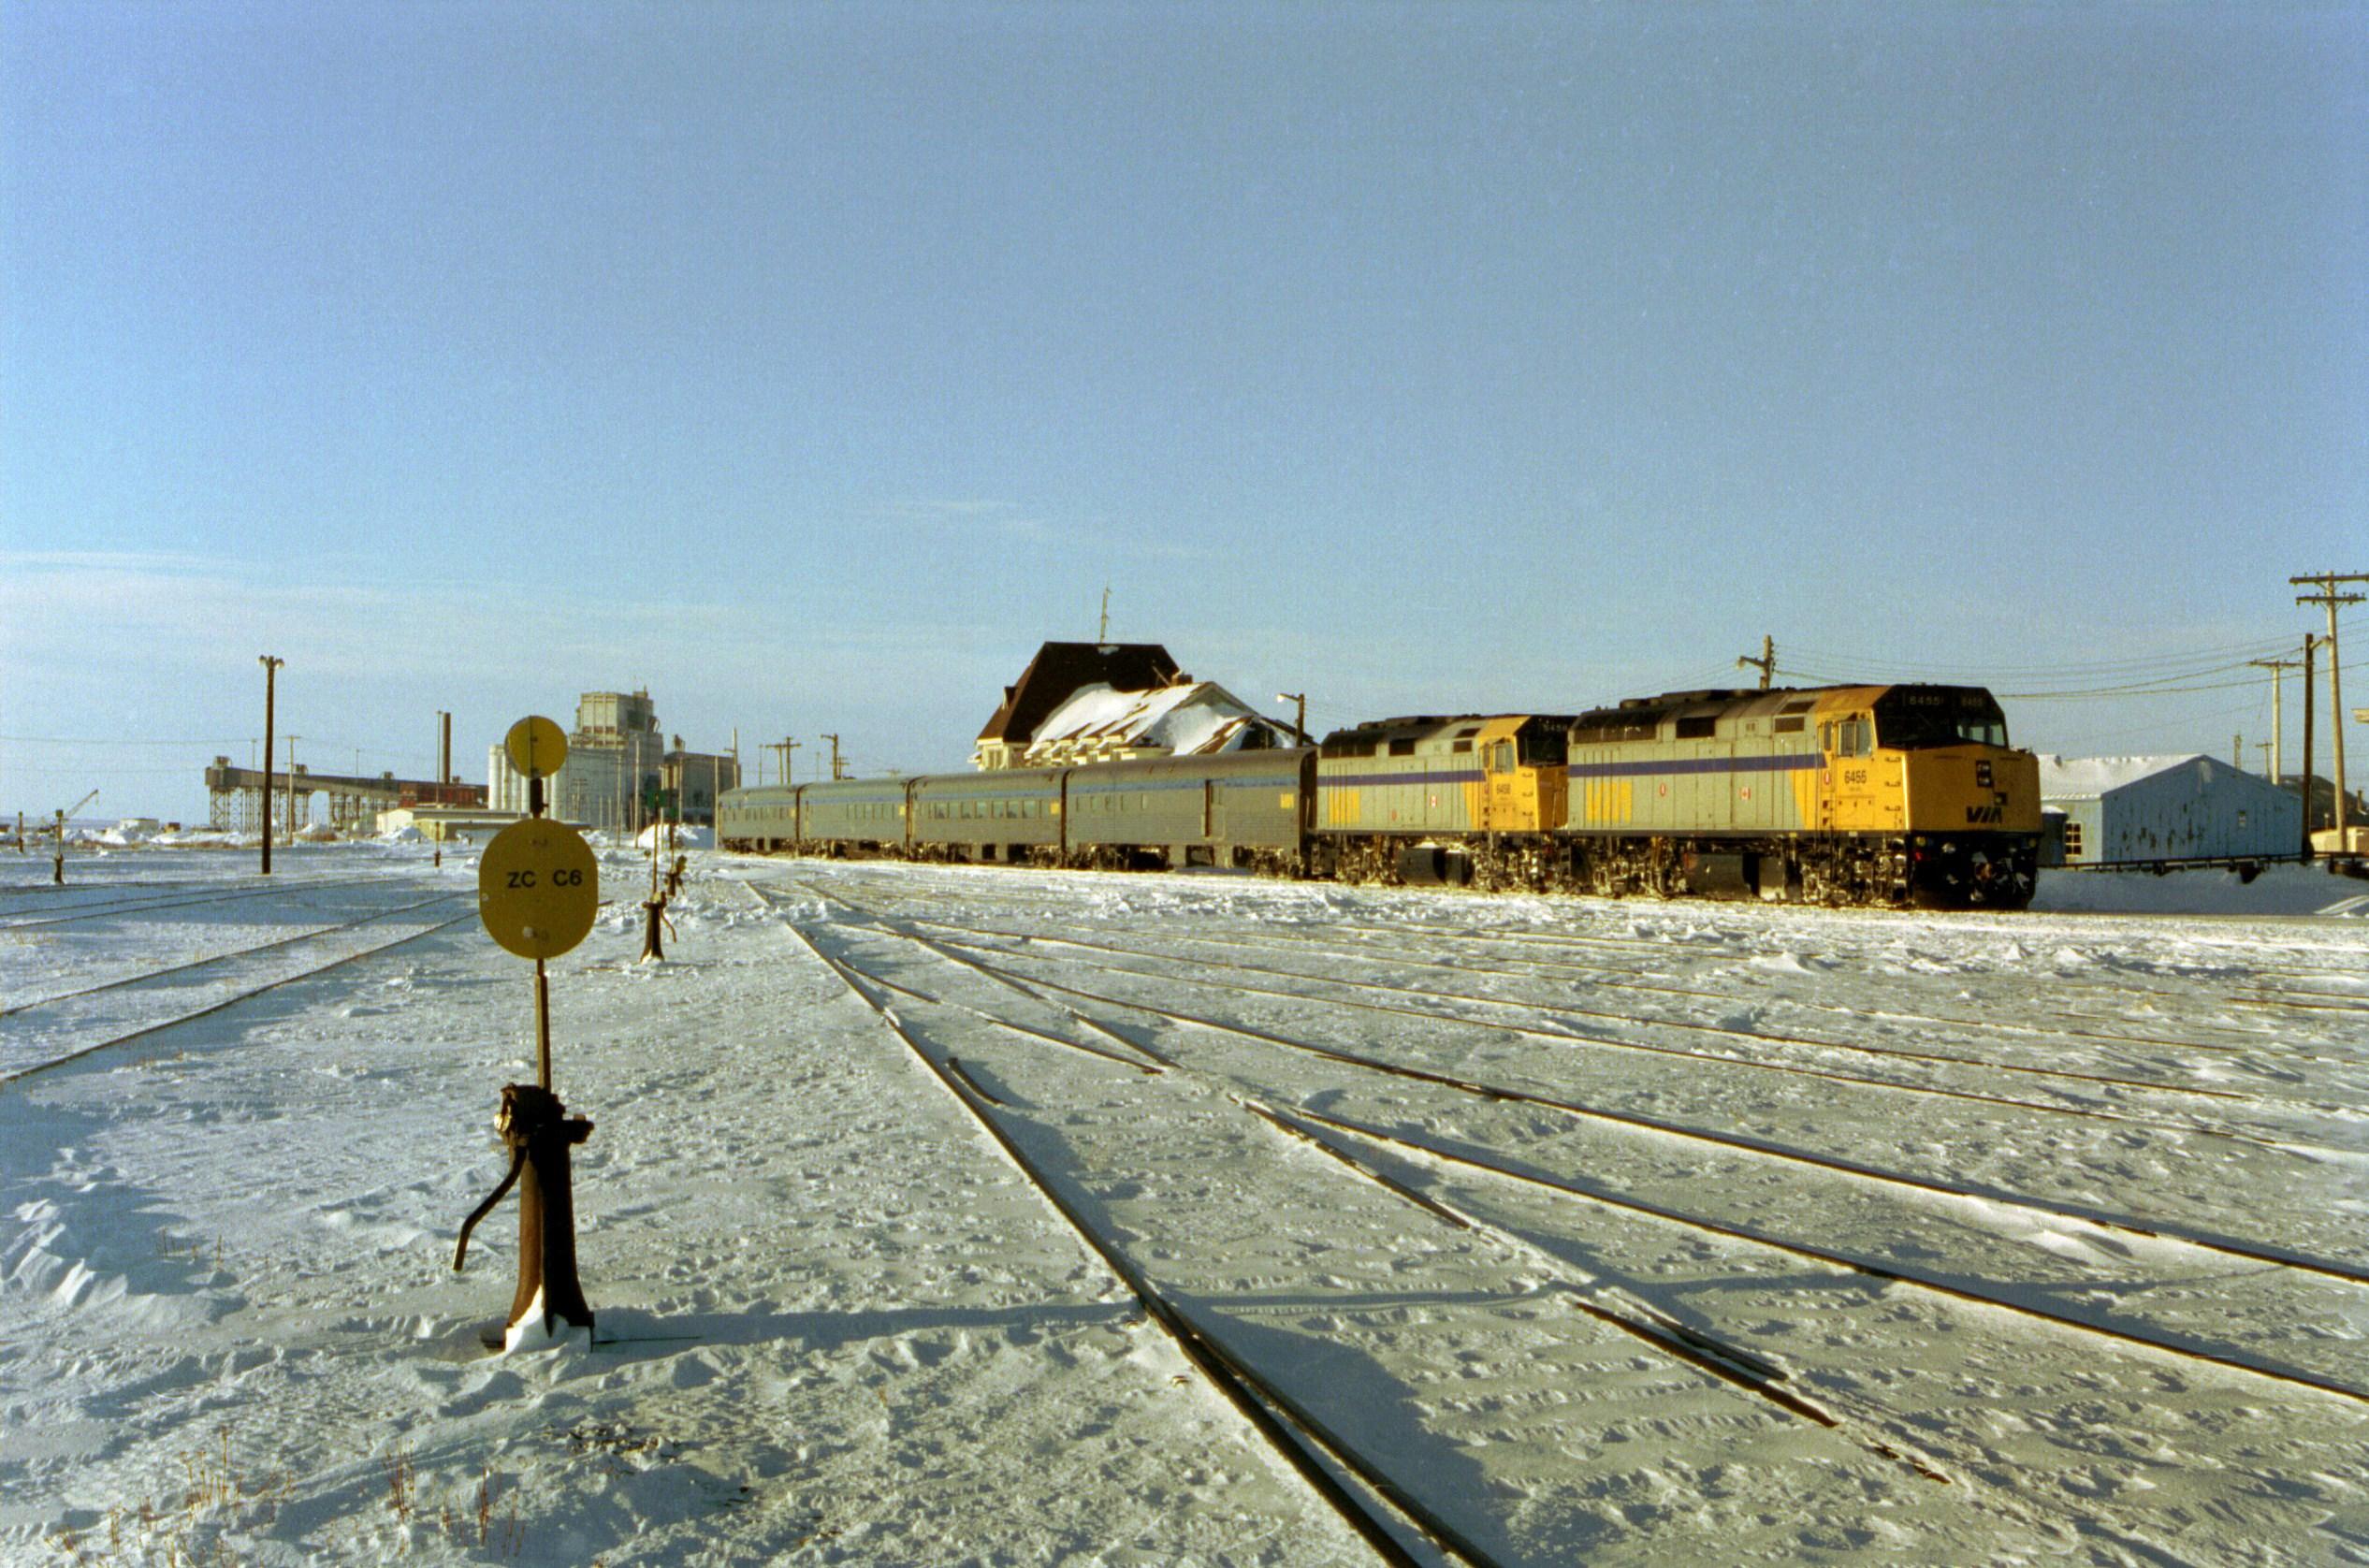 Winnipeg–Churchill train - Wikipedia